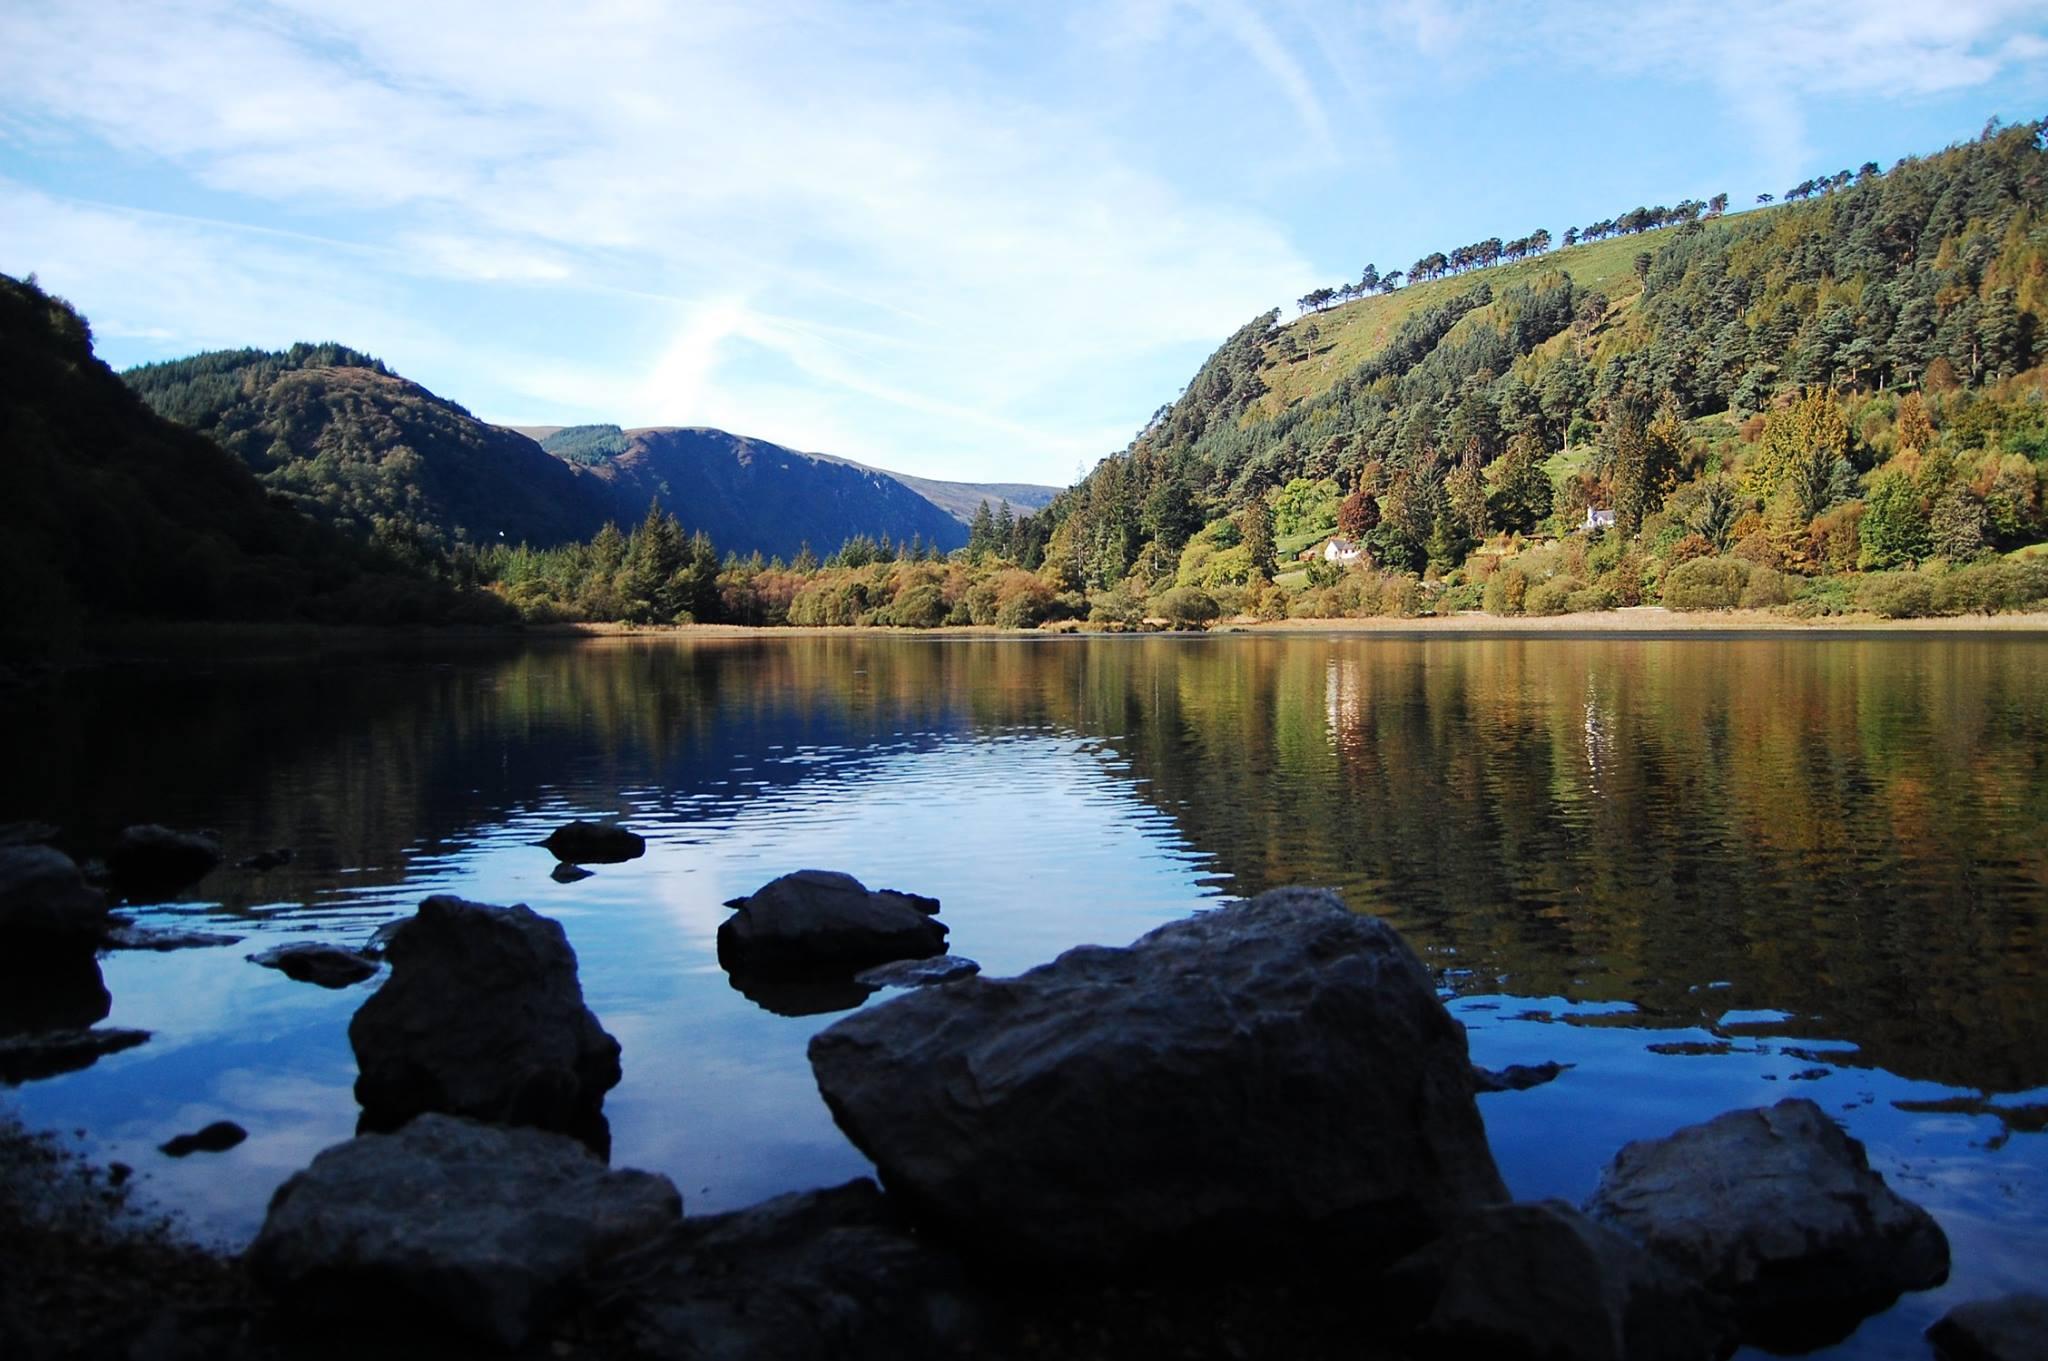 Glendalough lake